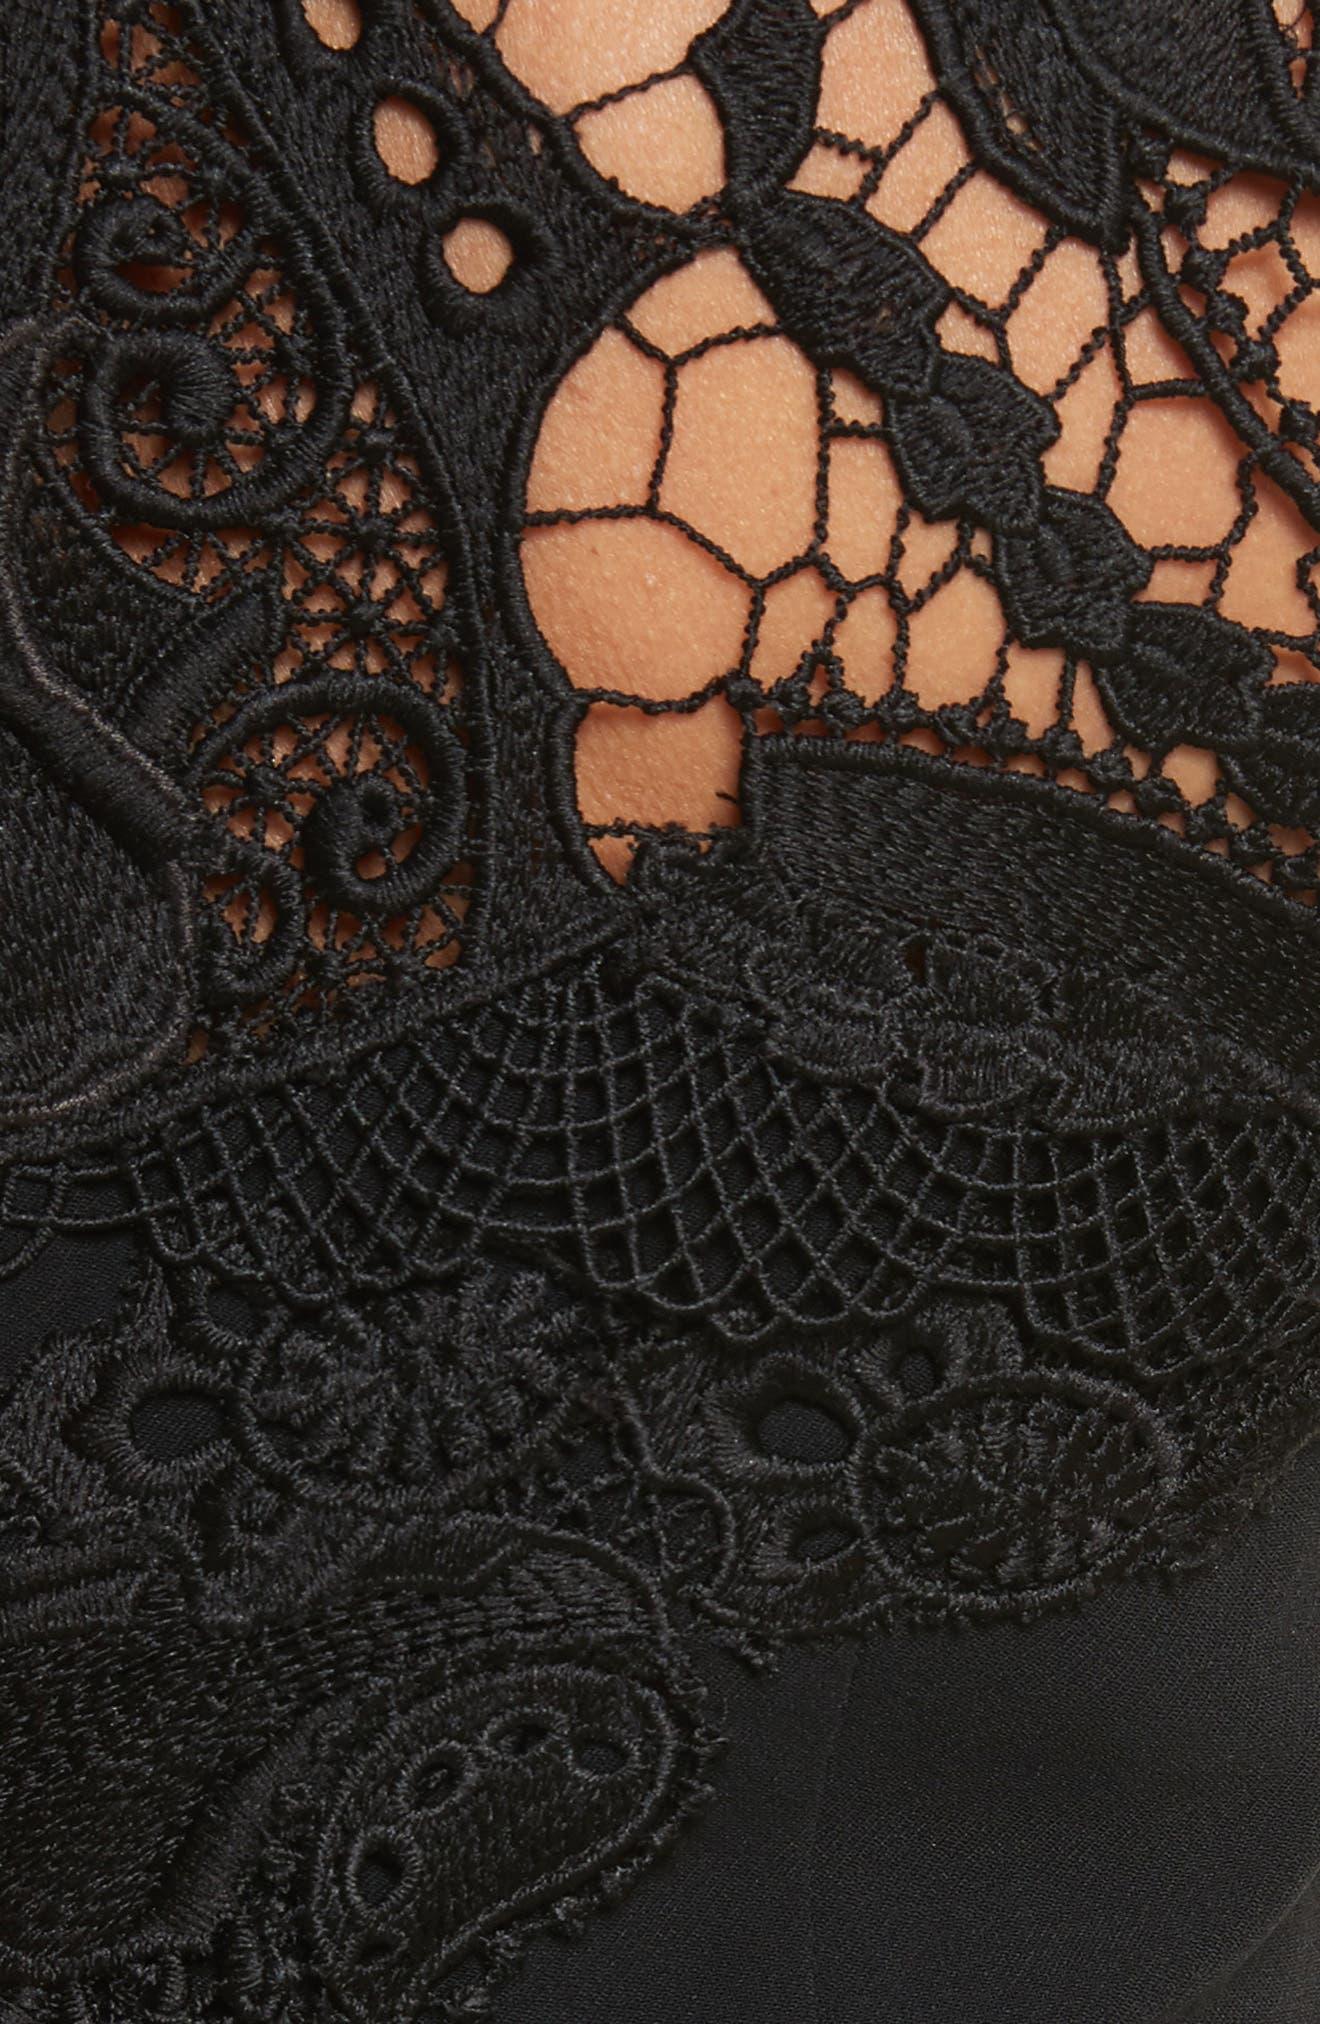 Lace Appliqué Crepe Mini Tee Dress,                             Alternate thumbnail 5, color,                             001